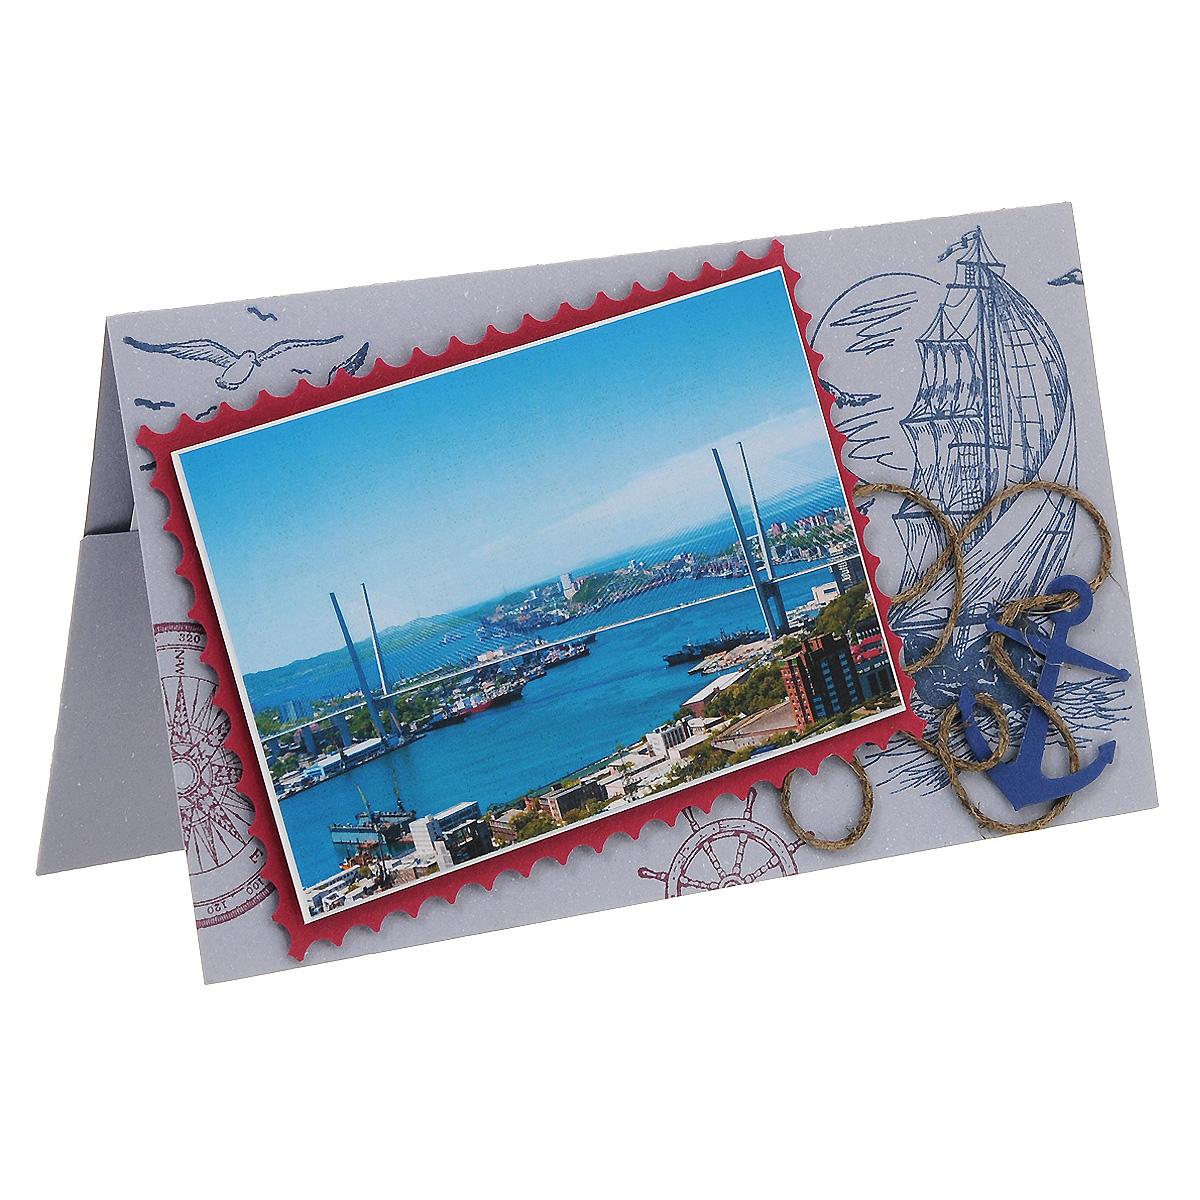 ОРАЗ-0004 Открытка-конверт «С наилучшими пожеланиями!» (Владивосток, мост «Золотой рог»). Студия «Тётя Роза»94995Характеристики: Размер 19 см x 11 см.Материал: Высоко-художественный картон, бумага, декор. Данная открытка может стать как прекрасным дополнением к вашему подарку, так и самостоятельным подарком. Так как открытка является и конвертом в который вы можете вложить ваш денежный подарок или просто написать ваши пожелания на вкладыше. Стильная открытка из чудесного и удивительного по своей неповторимости города на самом краешке земли. В ней – запах морского соленого ветра, и динамичность современной жизни. Отсутствиепринадлежности к какому-либо отдельному событию делают ее универсальным поздравлением, или же просто «Приветом для дорогого человека!». Также открытка упакована в пакетик для сохранности.Обращаем Ваше внимание на то, что открытка может незначительно отличаться от представленной на фото.Открытки ручной работы от студии Тётя Роза отличаются своим неповторимым и ярким стилем. Каждая уникальна и выполнена вручную мастерами студии. (Открытка для мужчин, открытка для женщины, открытка на день рождения, открытка с днем свадьбы, открытка винтаж, открытка с юбилеем, открытка на все случаи, скрапбукинг)